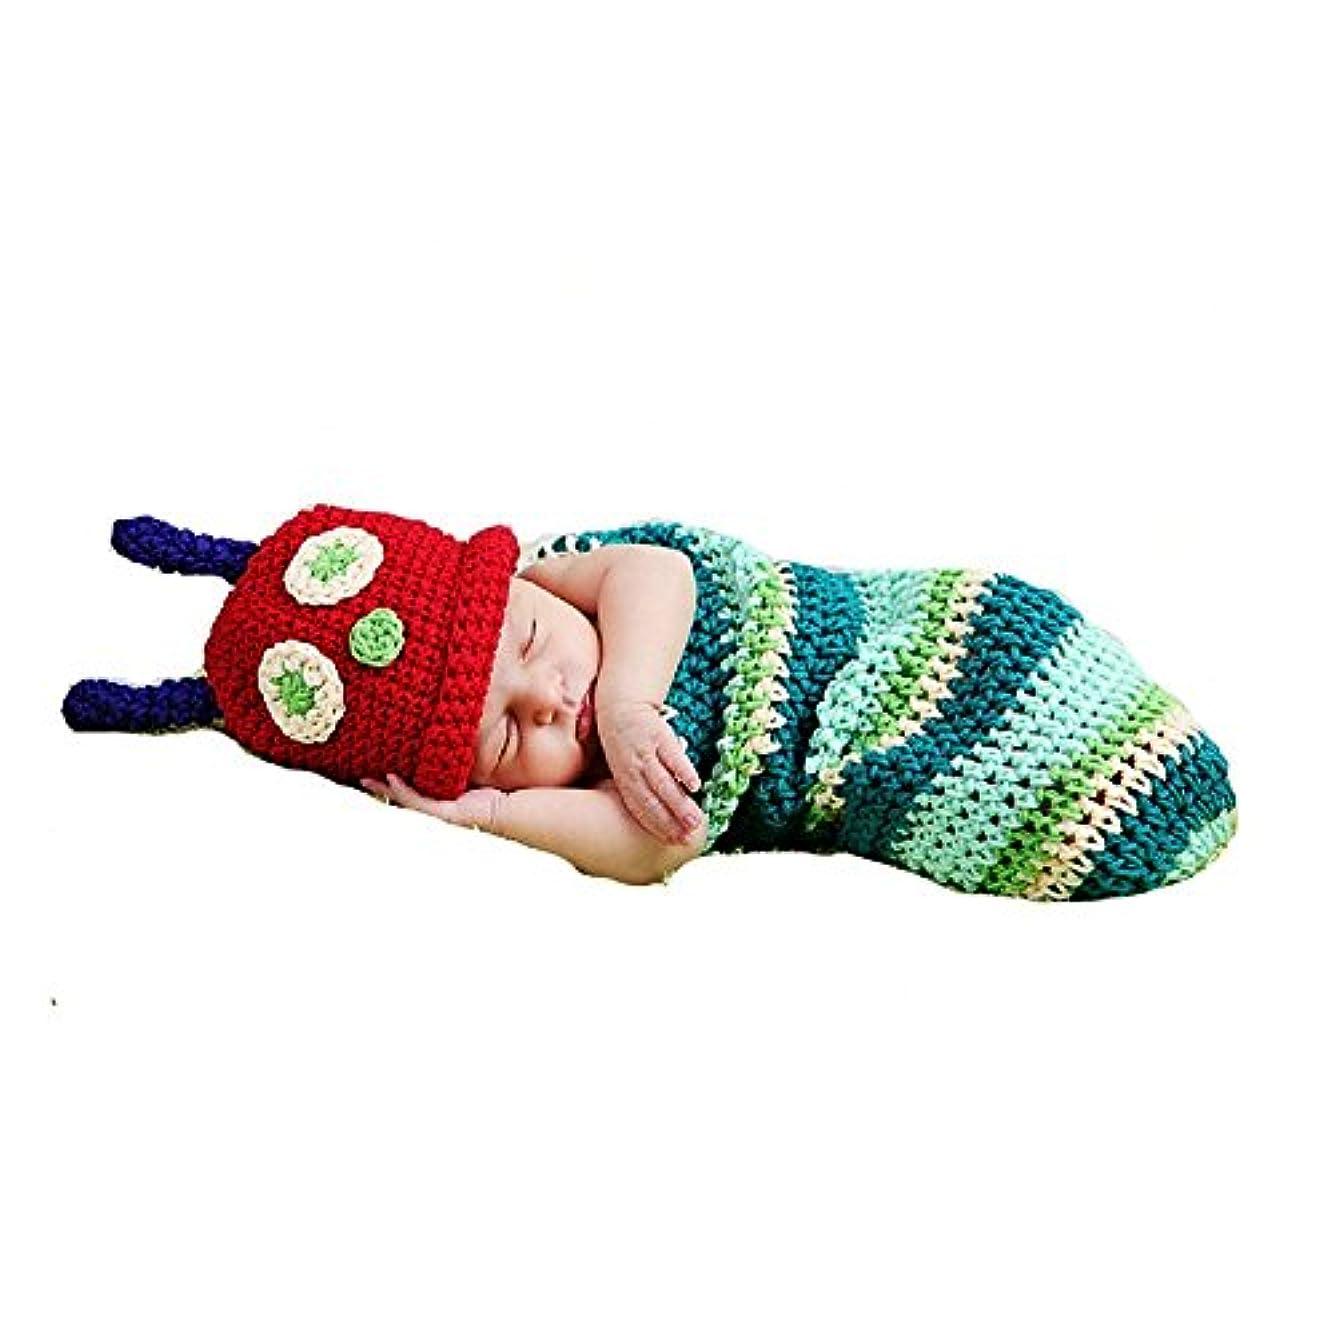 迷信ゆるく面白い新生児 赤ちゃん 写真撮影 小道具 キッズコスチューム ベビー用着ぐるみ コスチューム 寝相アート(100日 記念写真/写真撮影用) 出産祝い (あおむし)